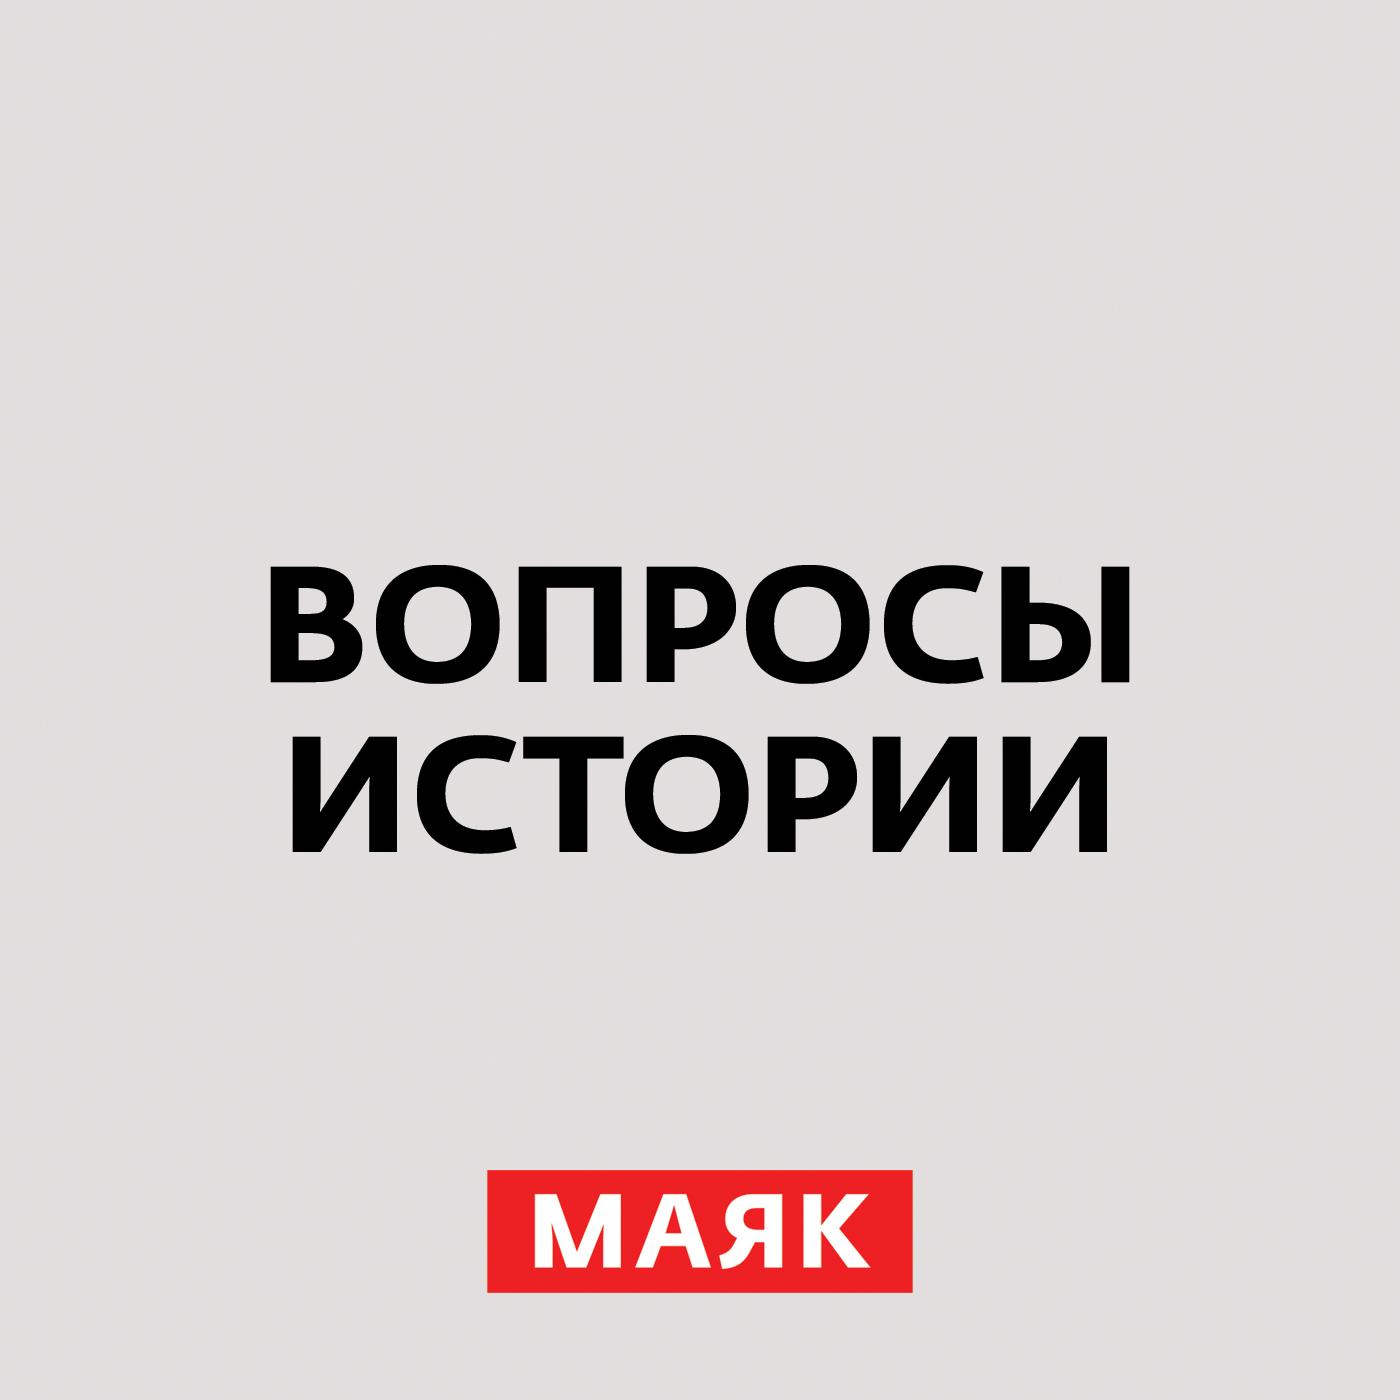 Андрей Светенко Октябрь 41-го года: паника в Москве. Часть 1 рефортан купить в москве